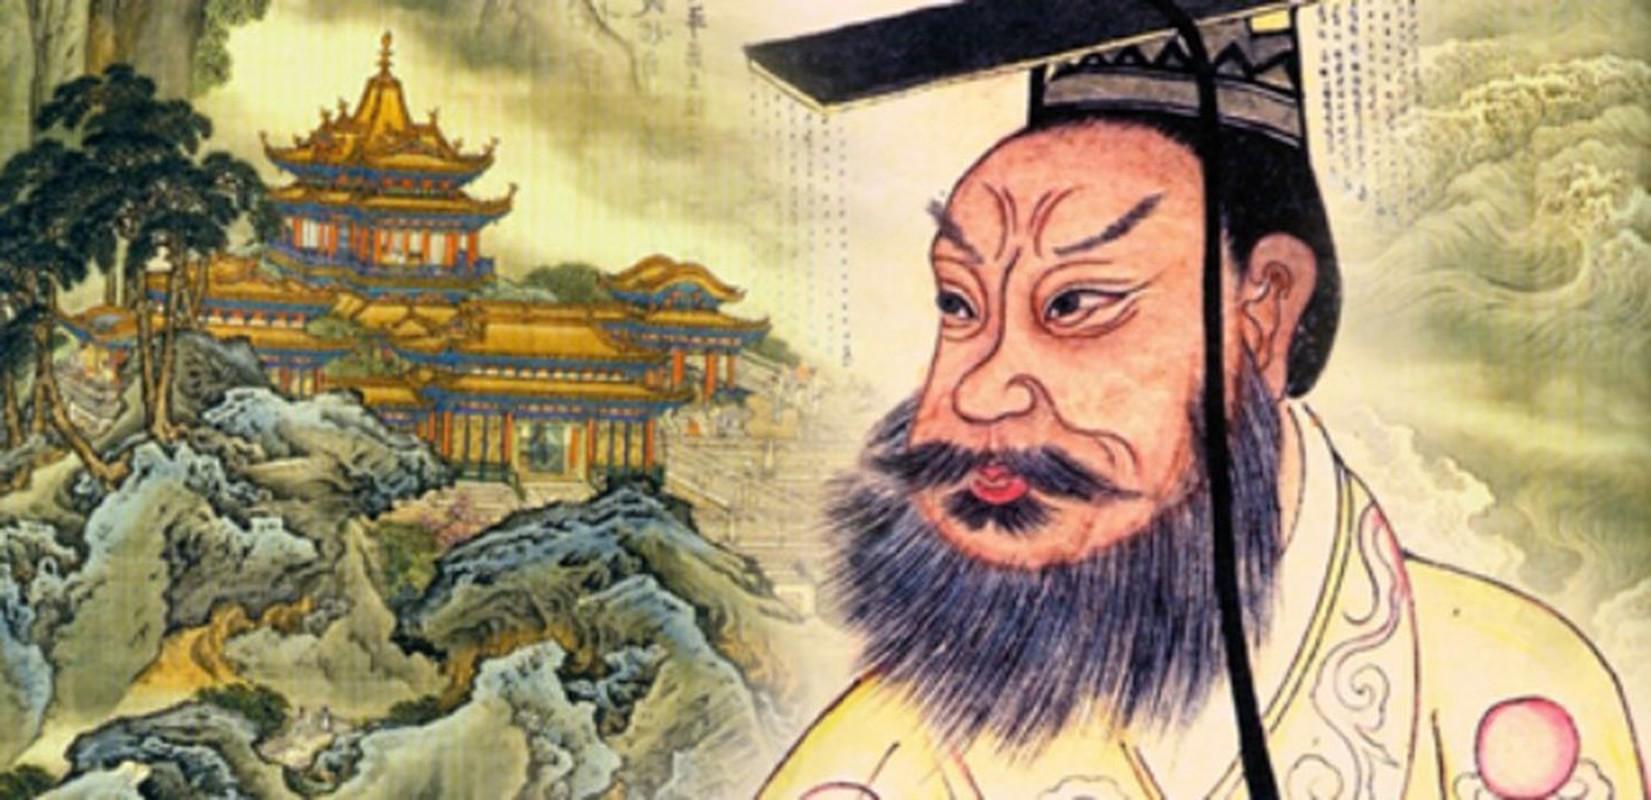 Hai bau vat bi an nhat Trung Quoc muon doi khong loi giai-Hinh-8